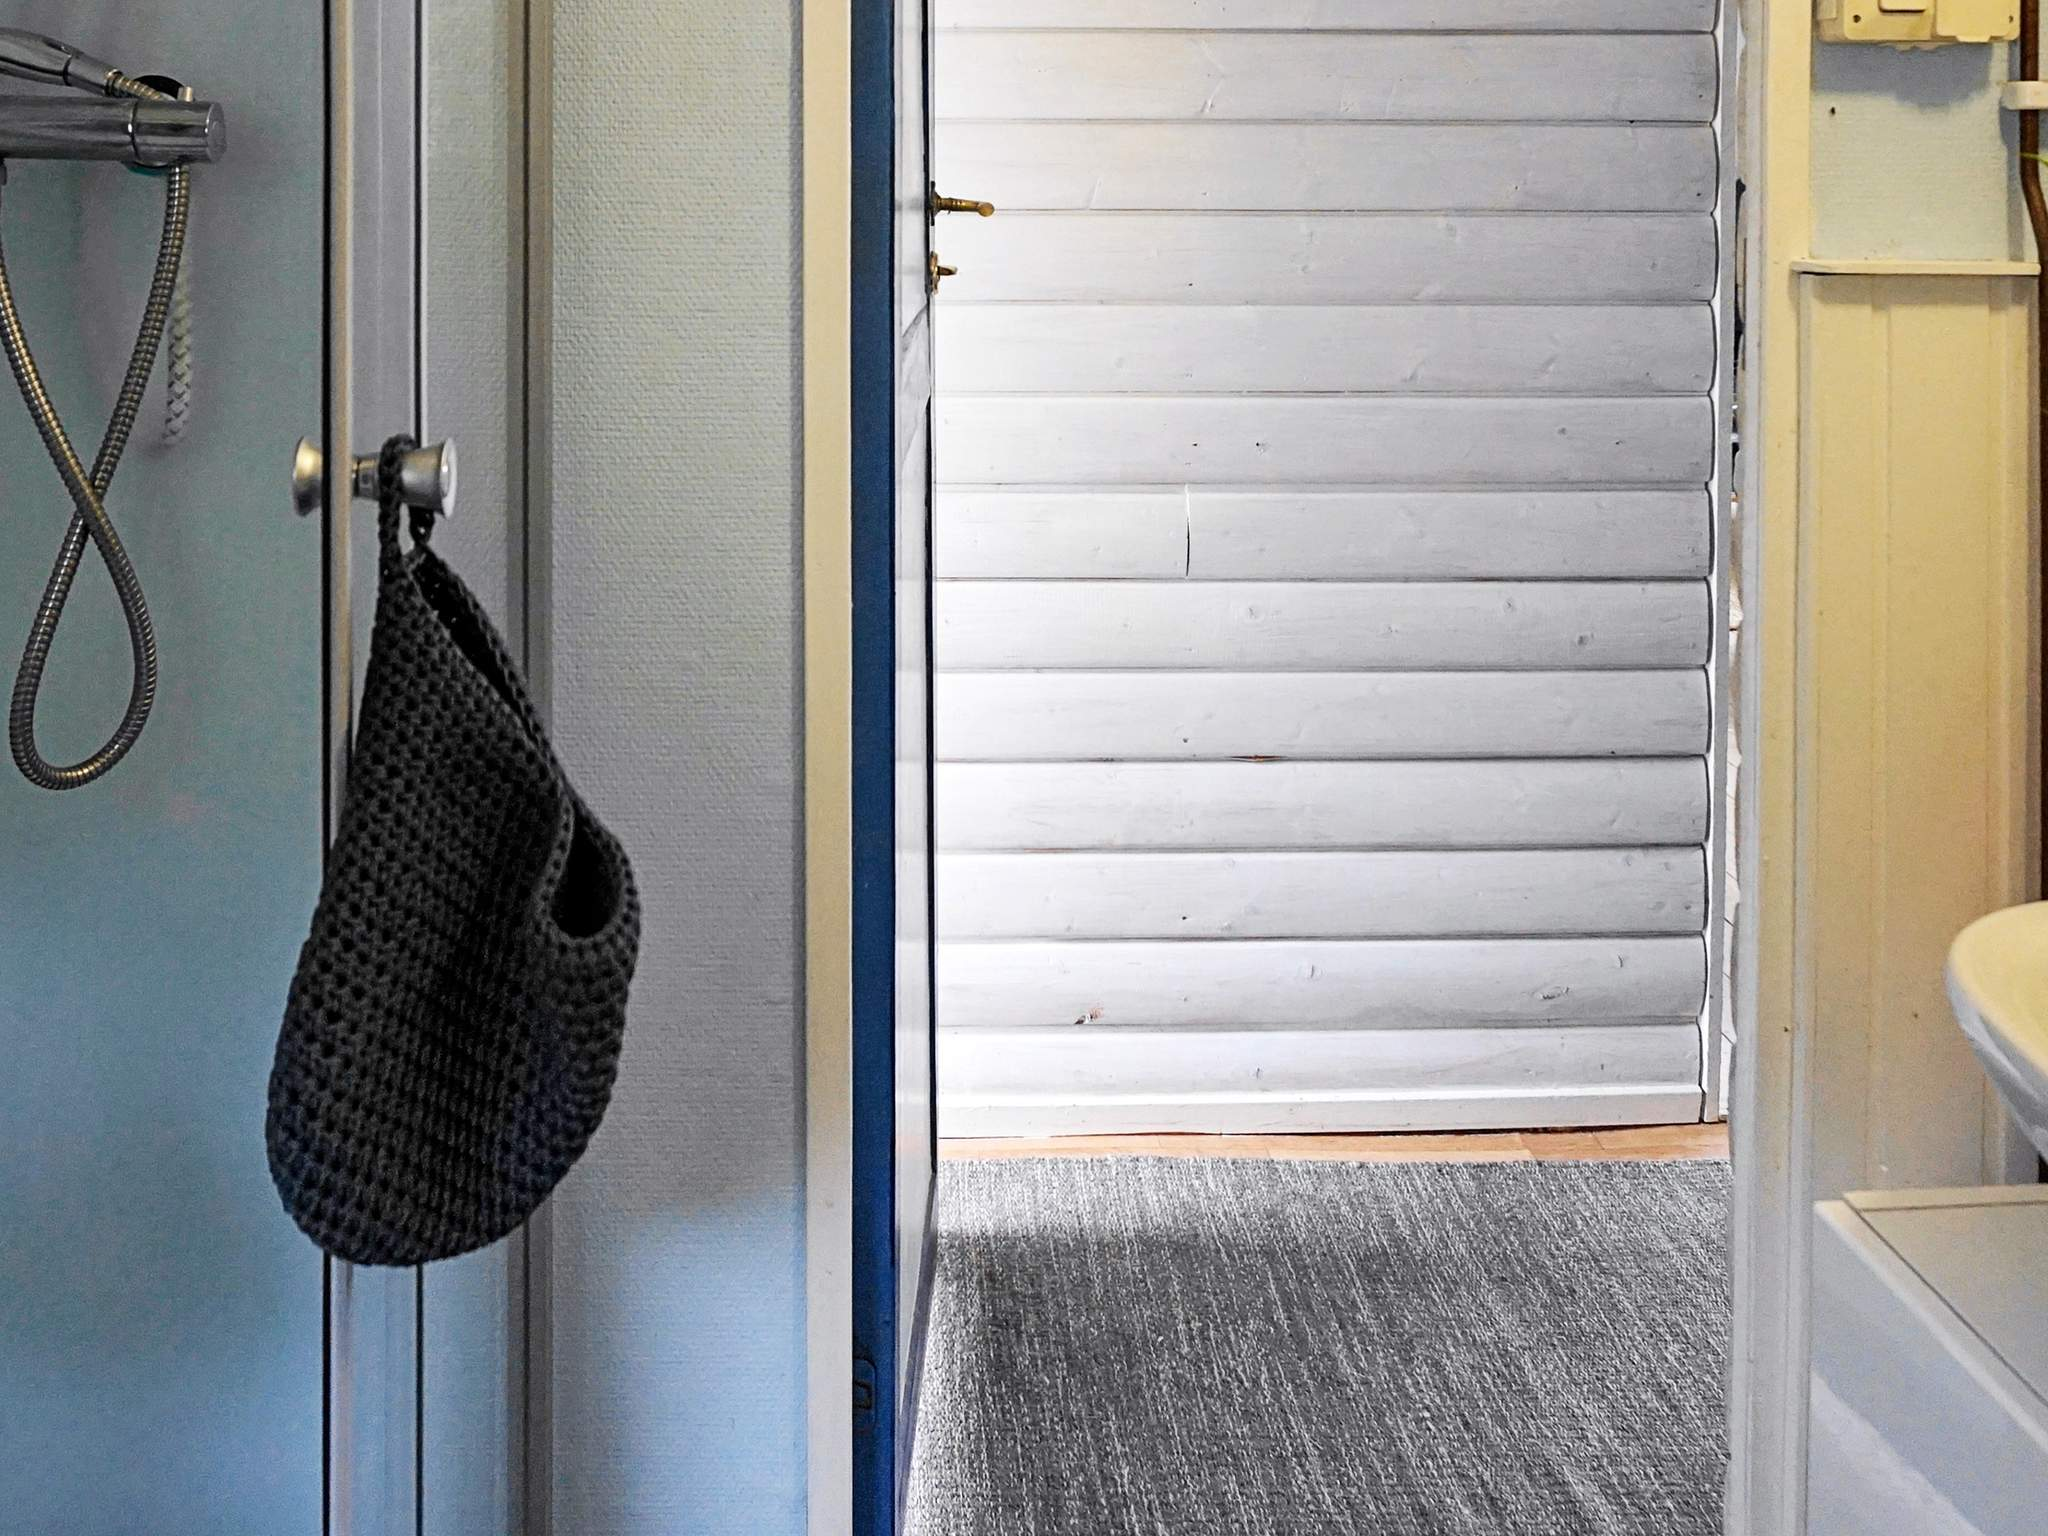 Ferienhaus Tjörn/Höviksnäs (2432182), Höviksnäs, Tjörn, Westschweden, Schweden, Bild 7